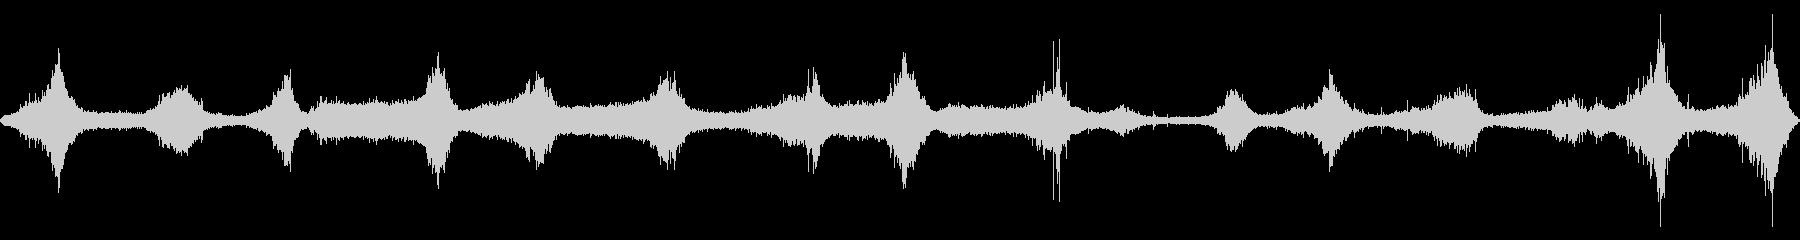 【四国最東端】蒲生田岬の波音 01の未再生の波形